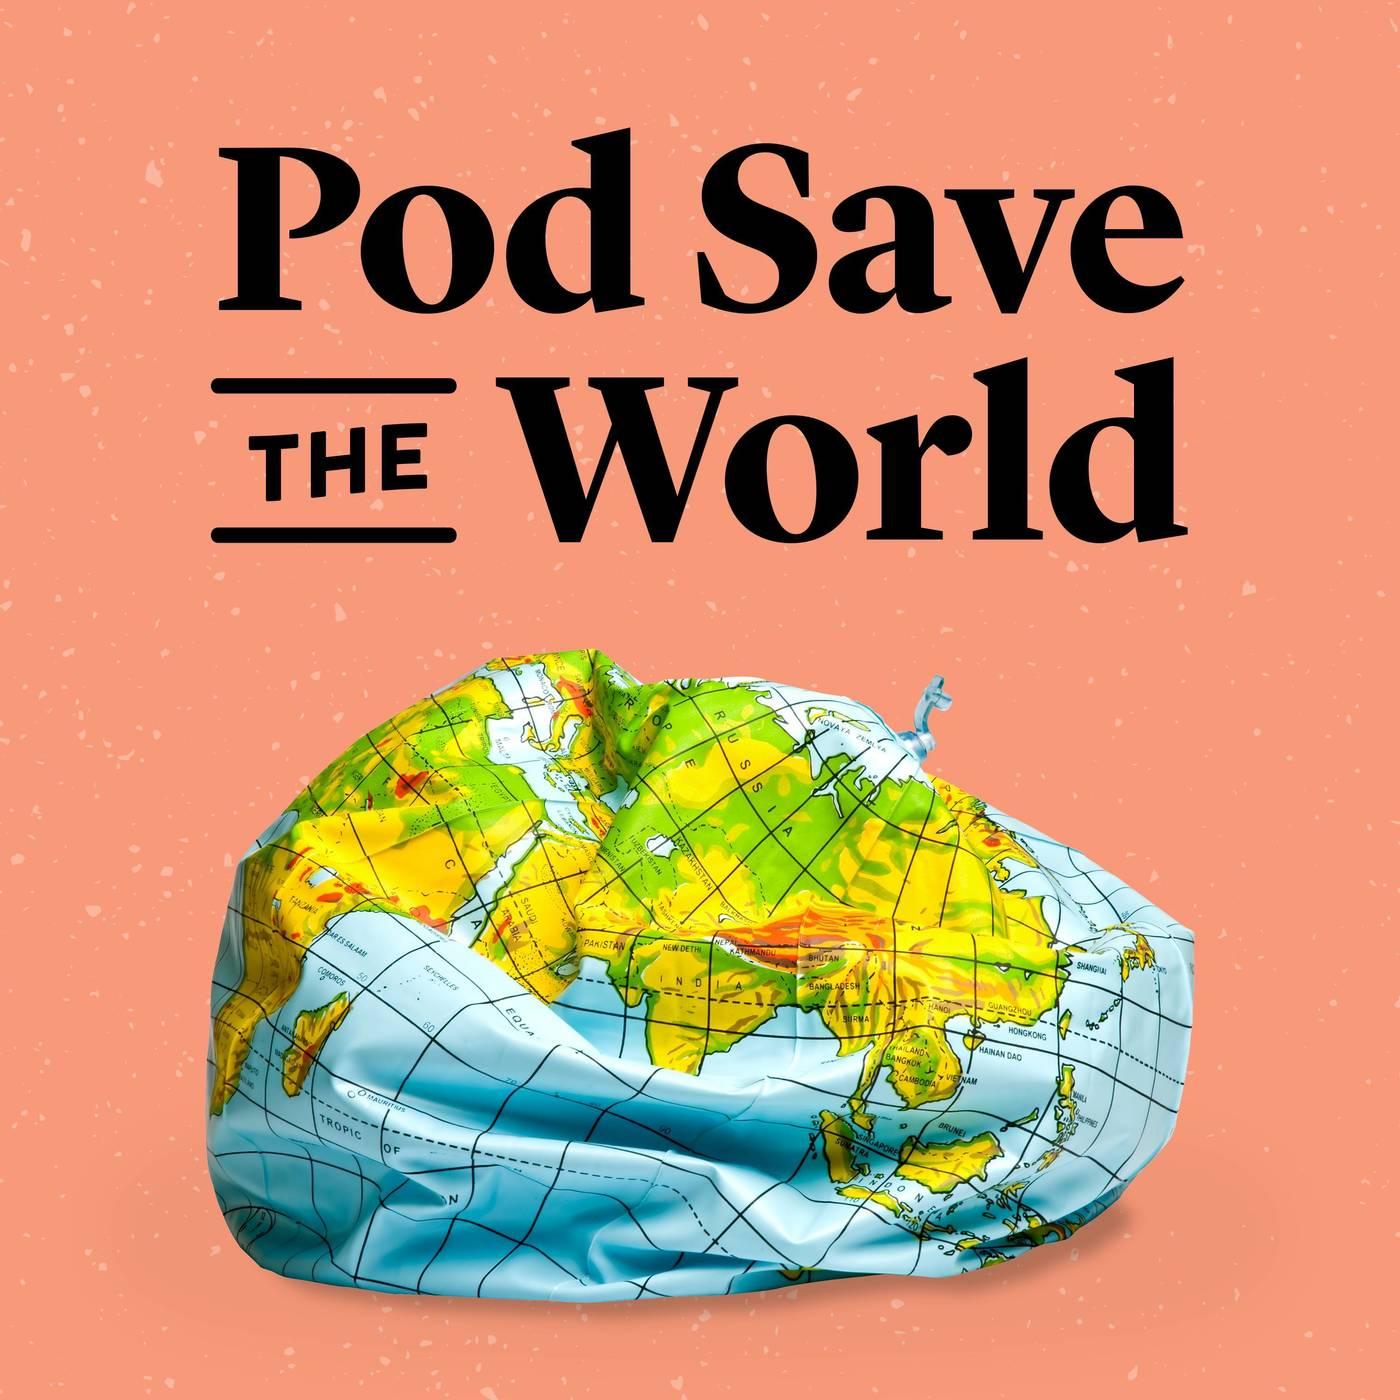 Pod Save the World logo